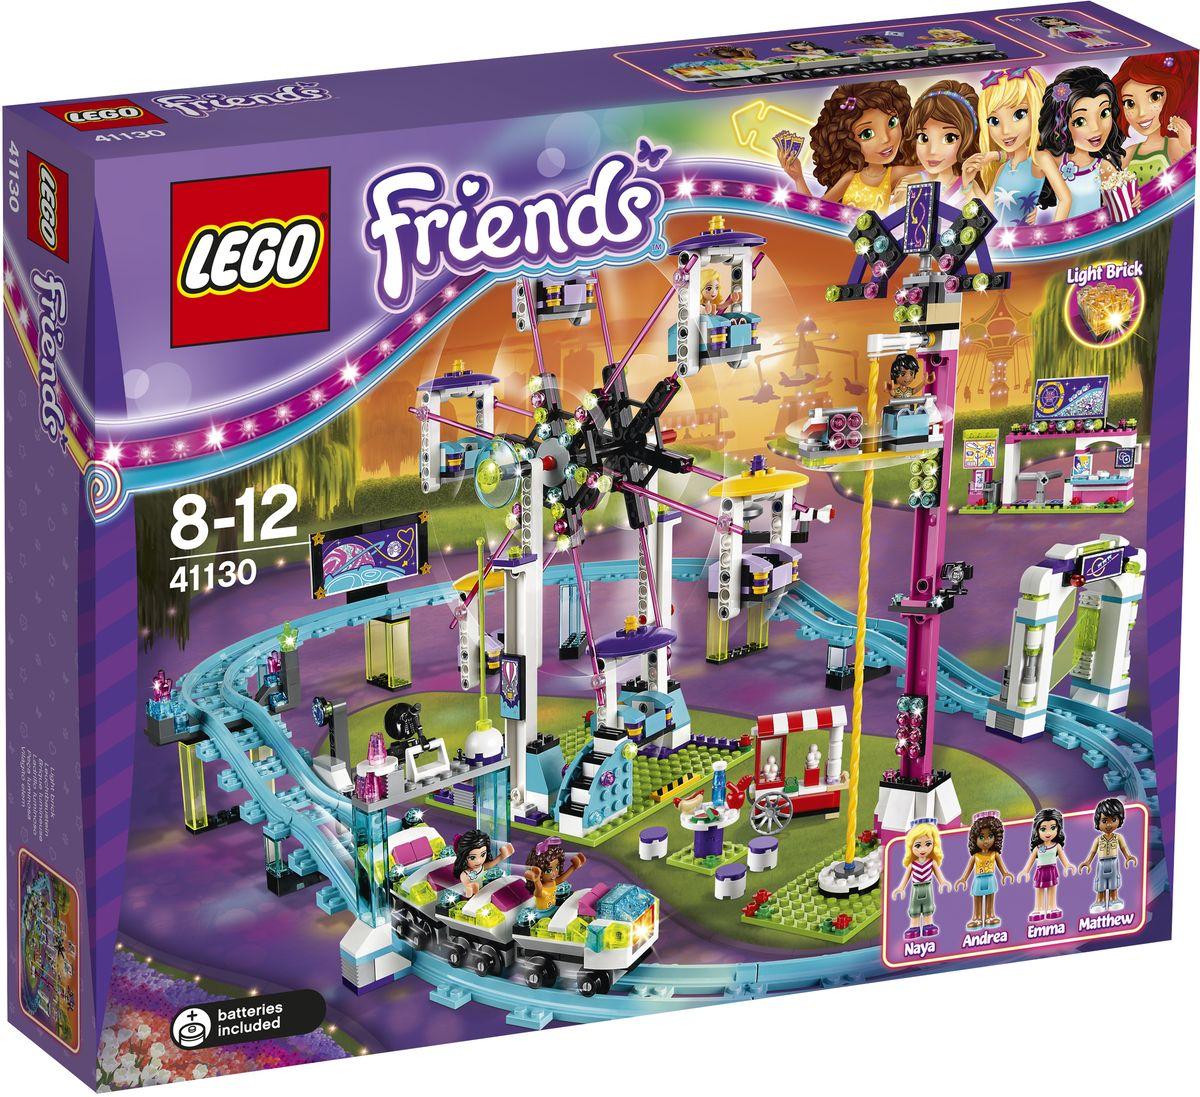 LEGO Friends Конструктор Парк развлечений Американские горки 4113041130Пройдите через турникеты в парке развлечений и встаньте в очередь на американские горки. Садитесь на переднее сиденье, чтобы включить светящийся кубик, и вперед! Затем медленно прокатитесь на колесе обозрения или отправляйтесь на аттракцион Свободное падение, опустите защитную дугу и, вращаясь, спускайтесь на землю. А затем вместе с друзьями можно купить фотографии и перекусить. Вы не захотите, чтобы день в парке развлечений заканчивался! Набор включает в себя 1124 разноцветных пластиковых элемента. Конструктор - это один из самых увлекательных и веселых способов времяпрепровождения. Ребенок сможет часами играть с конструктором, придумывая различные ситуации и истории. Рекомендуется докупить 2 батарейки напряжением 1,5V типа LR41 (товар комплектуется демонстрационными).